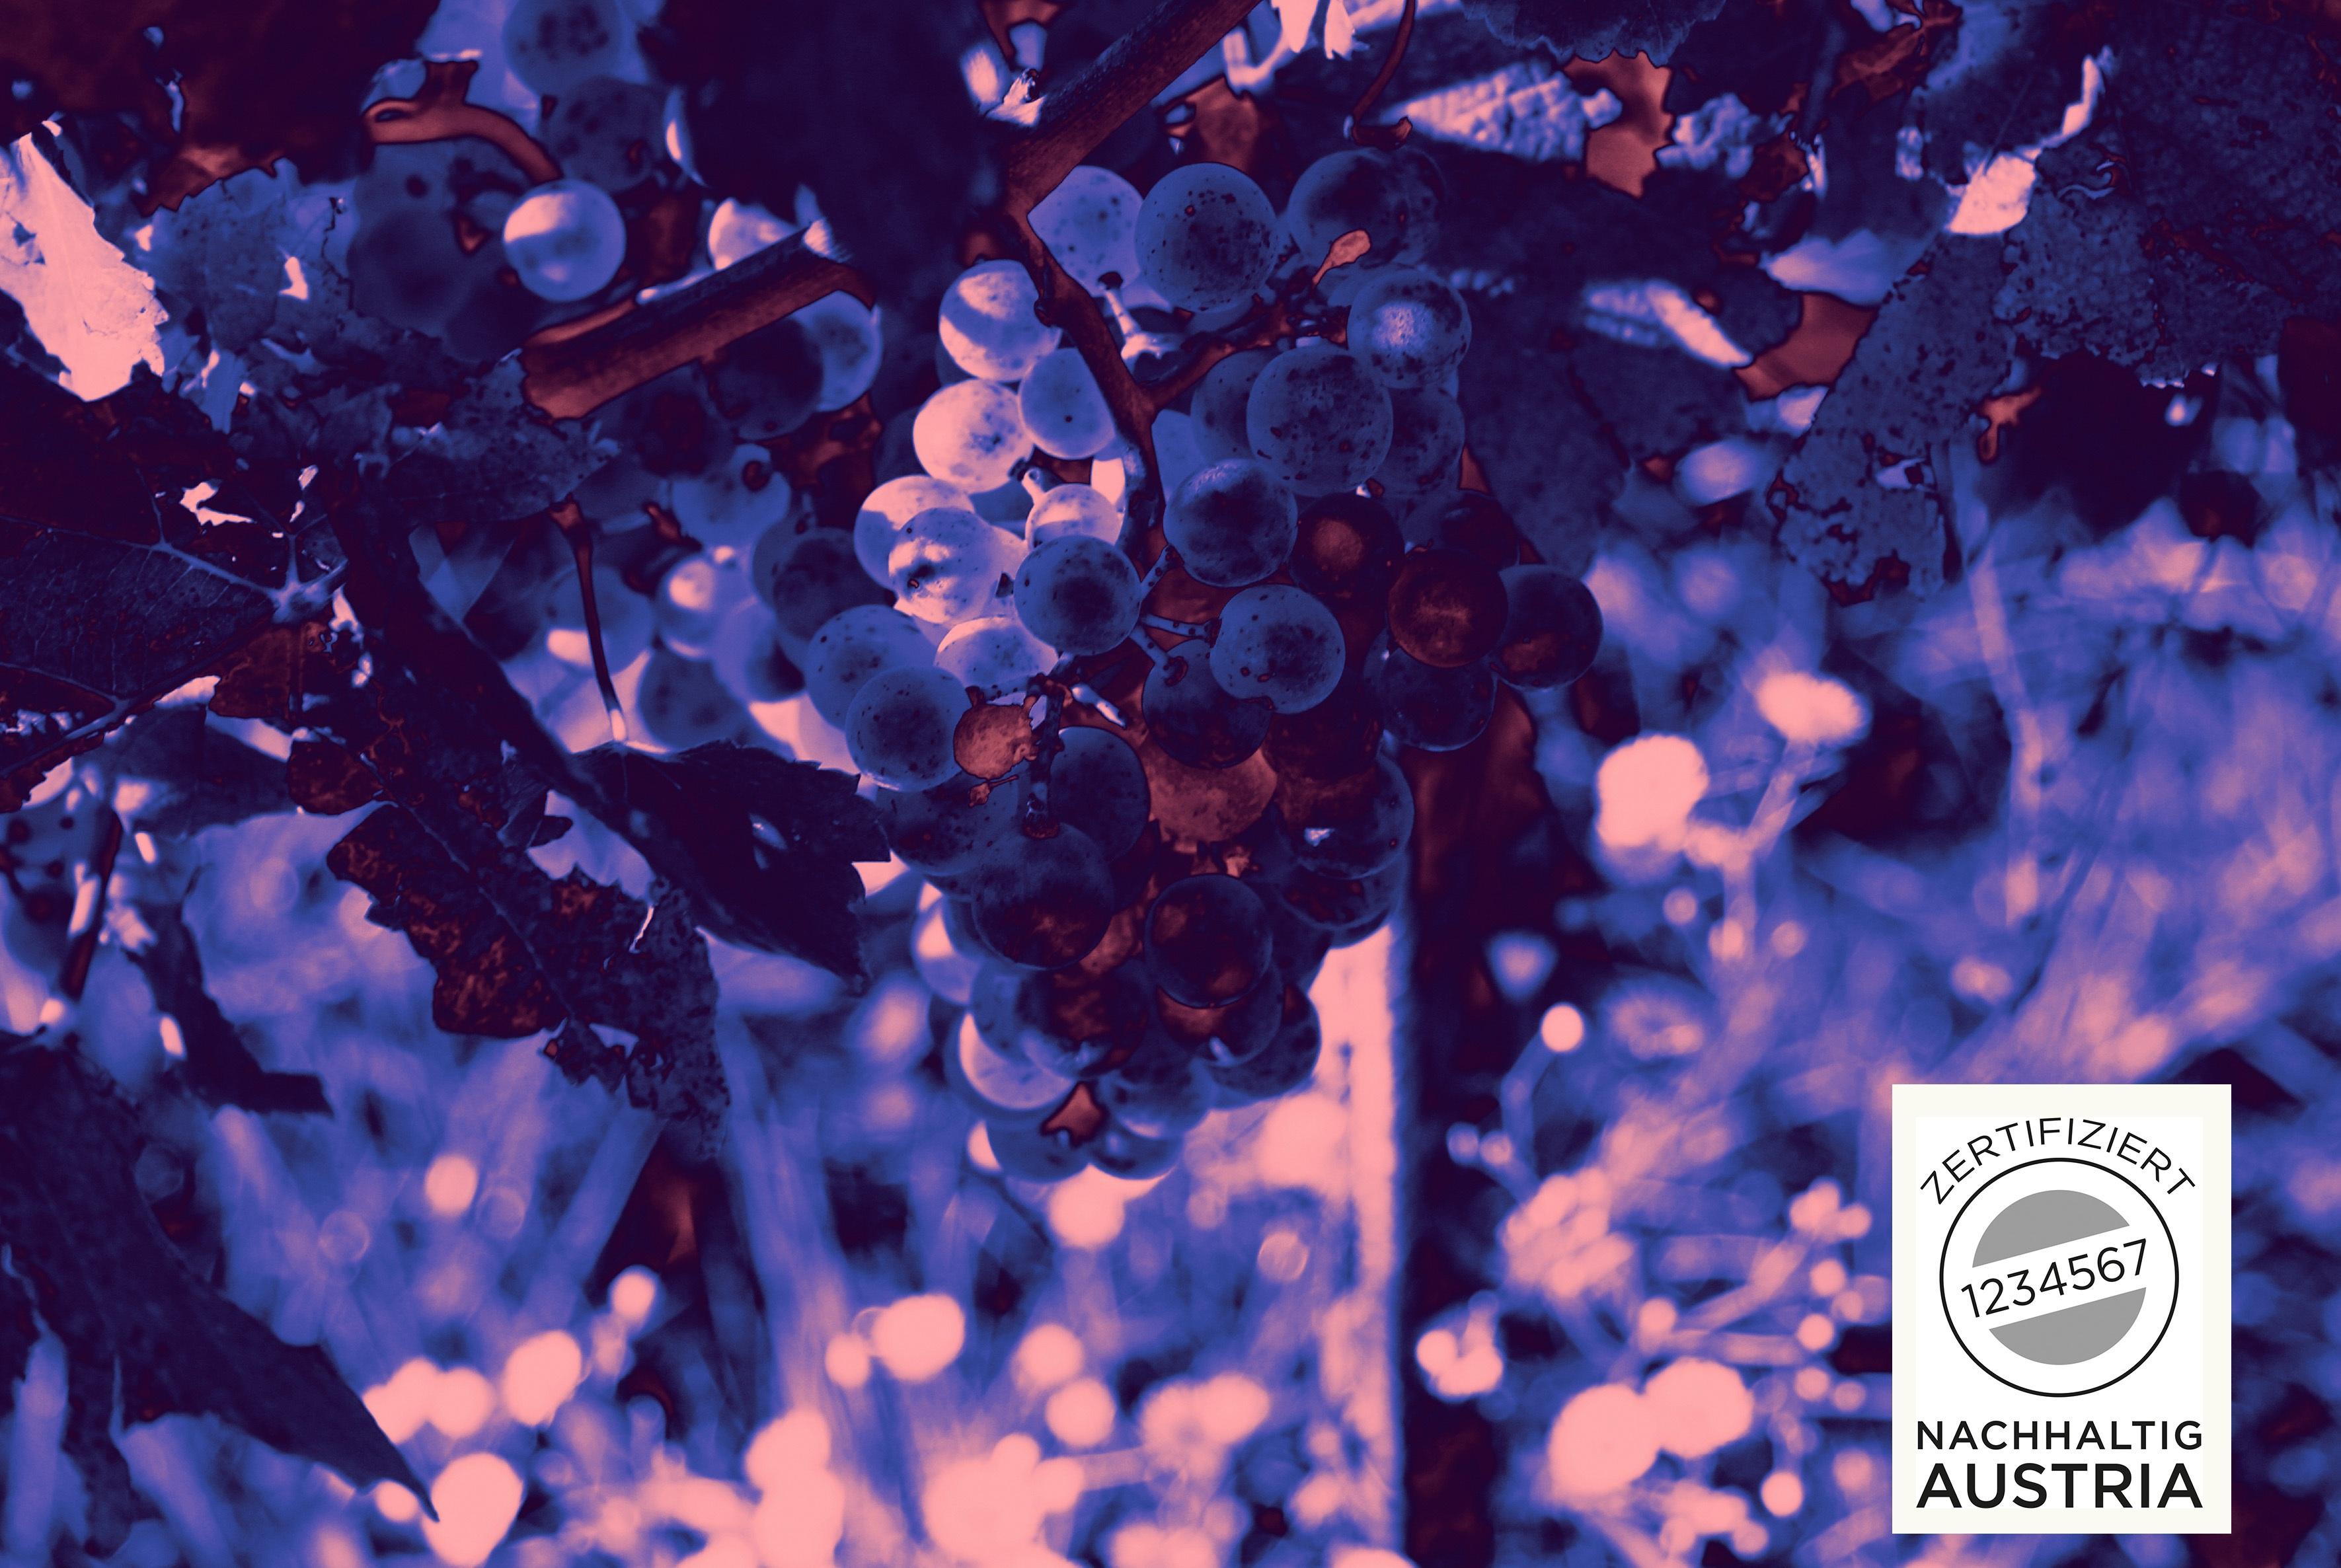 Nachhaltig Austria Weingut Payr RGB 03 Kopie